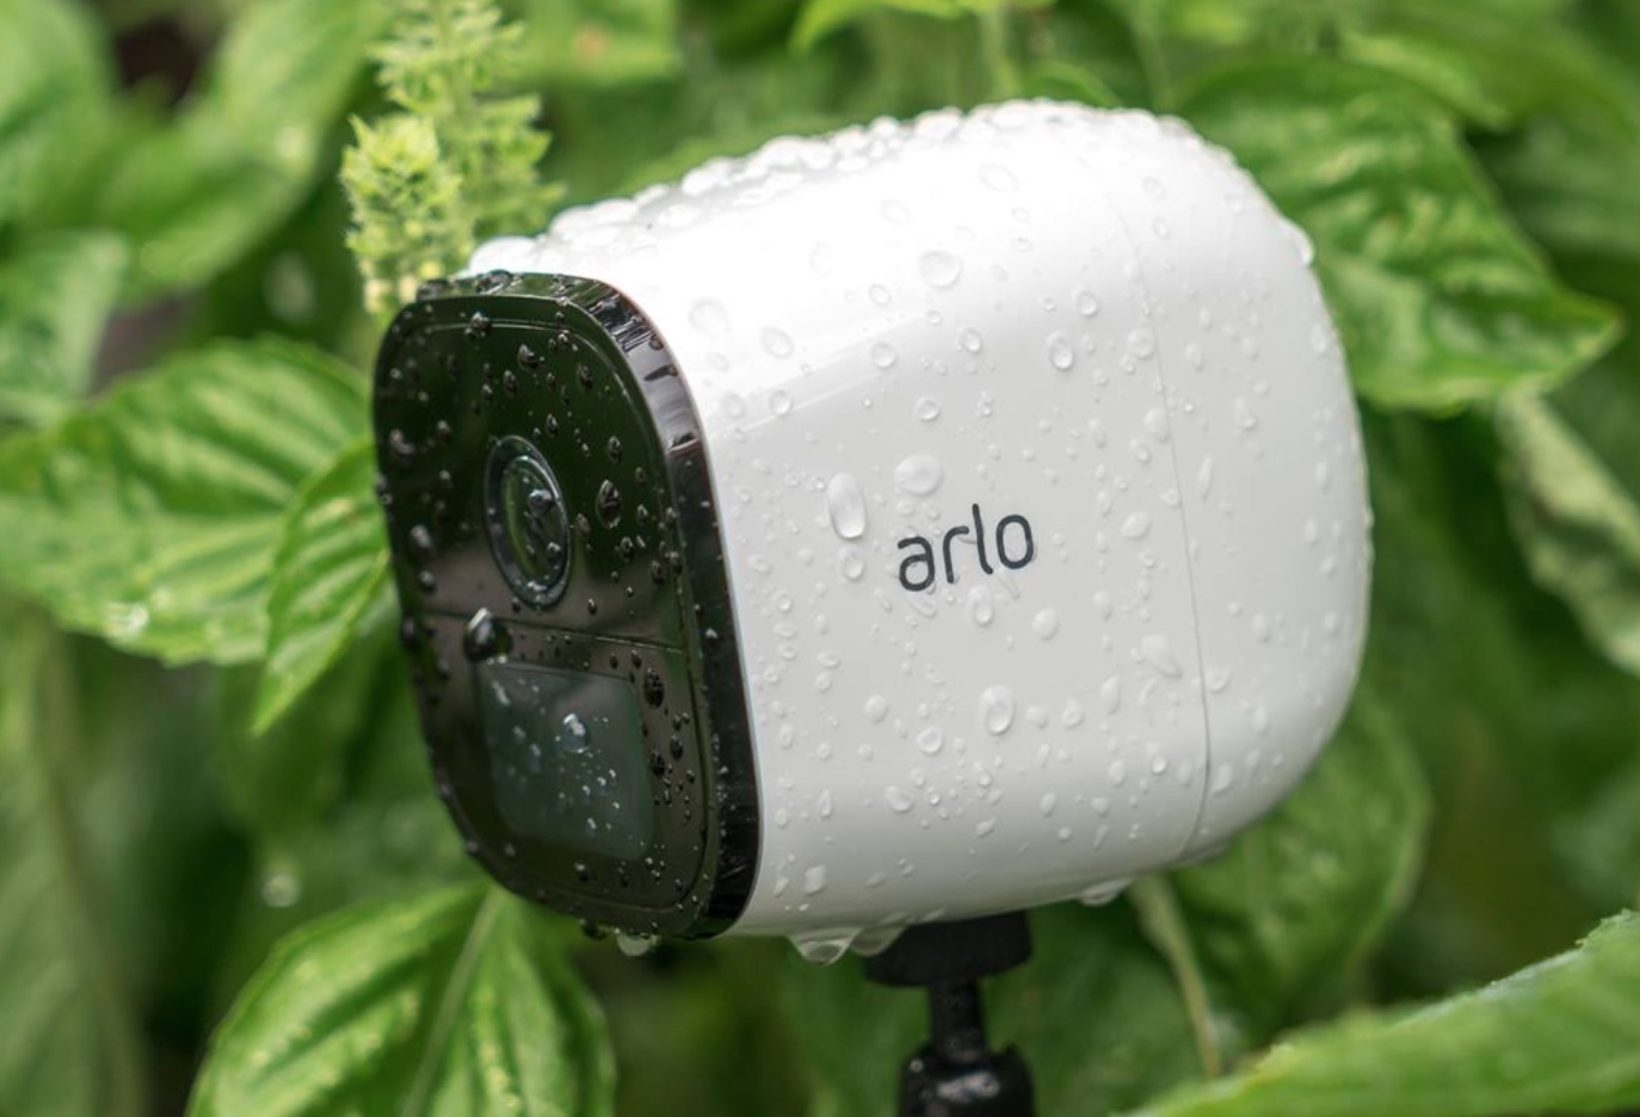 Plafoniera Da Esterno A Batteria : Come scegliere le arlo telecamere da esterno a batteria in